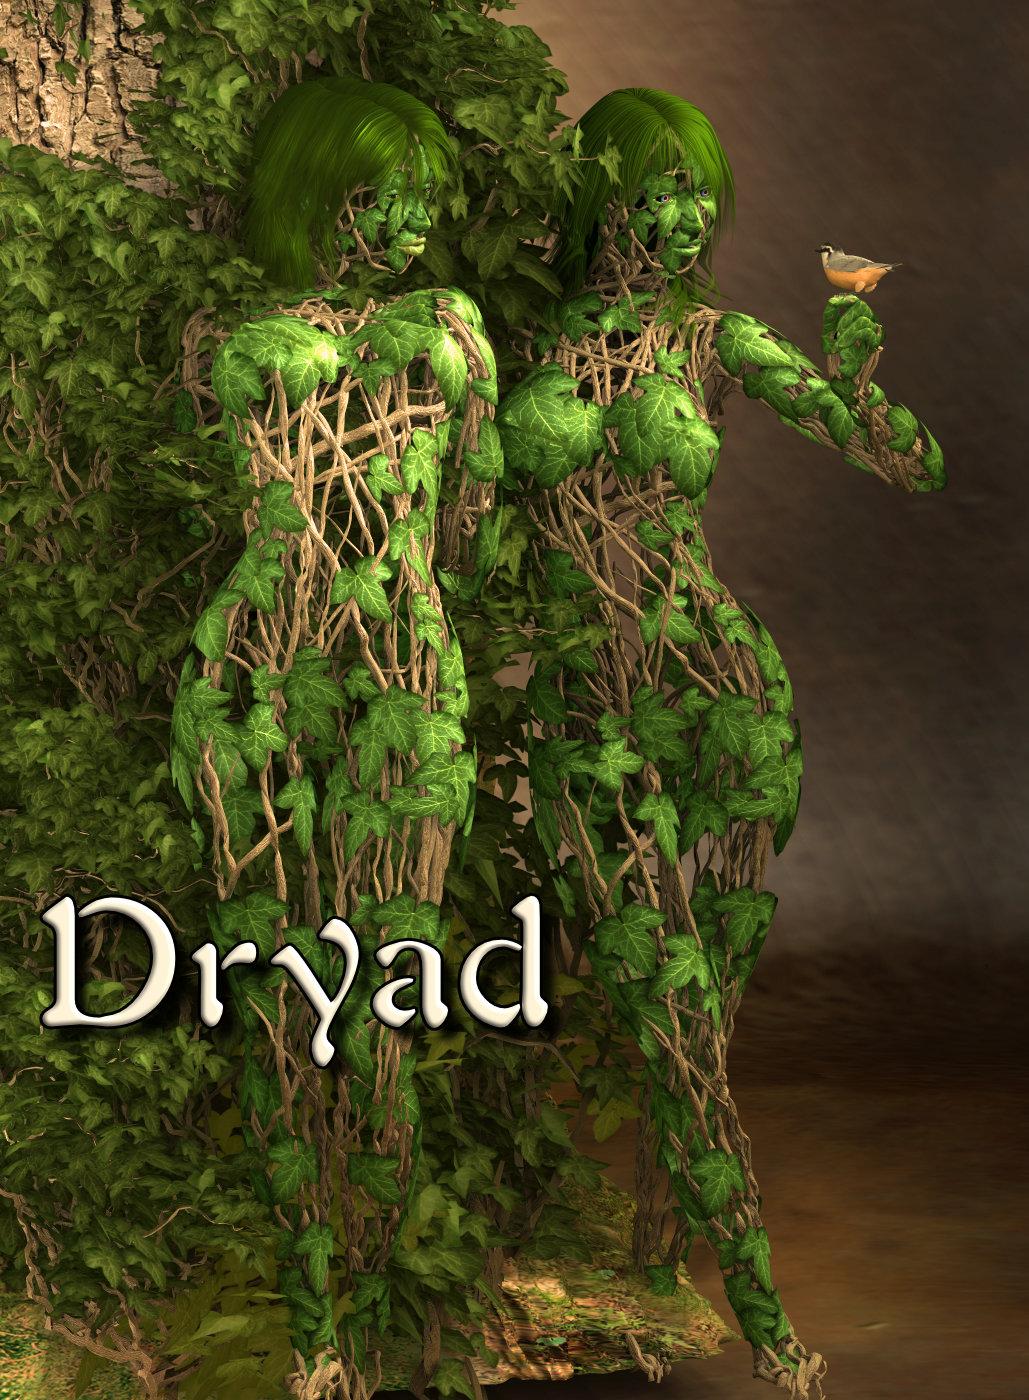 Dryad V4 Conforming Figure for Poser FREE